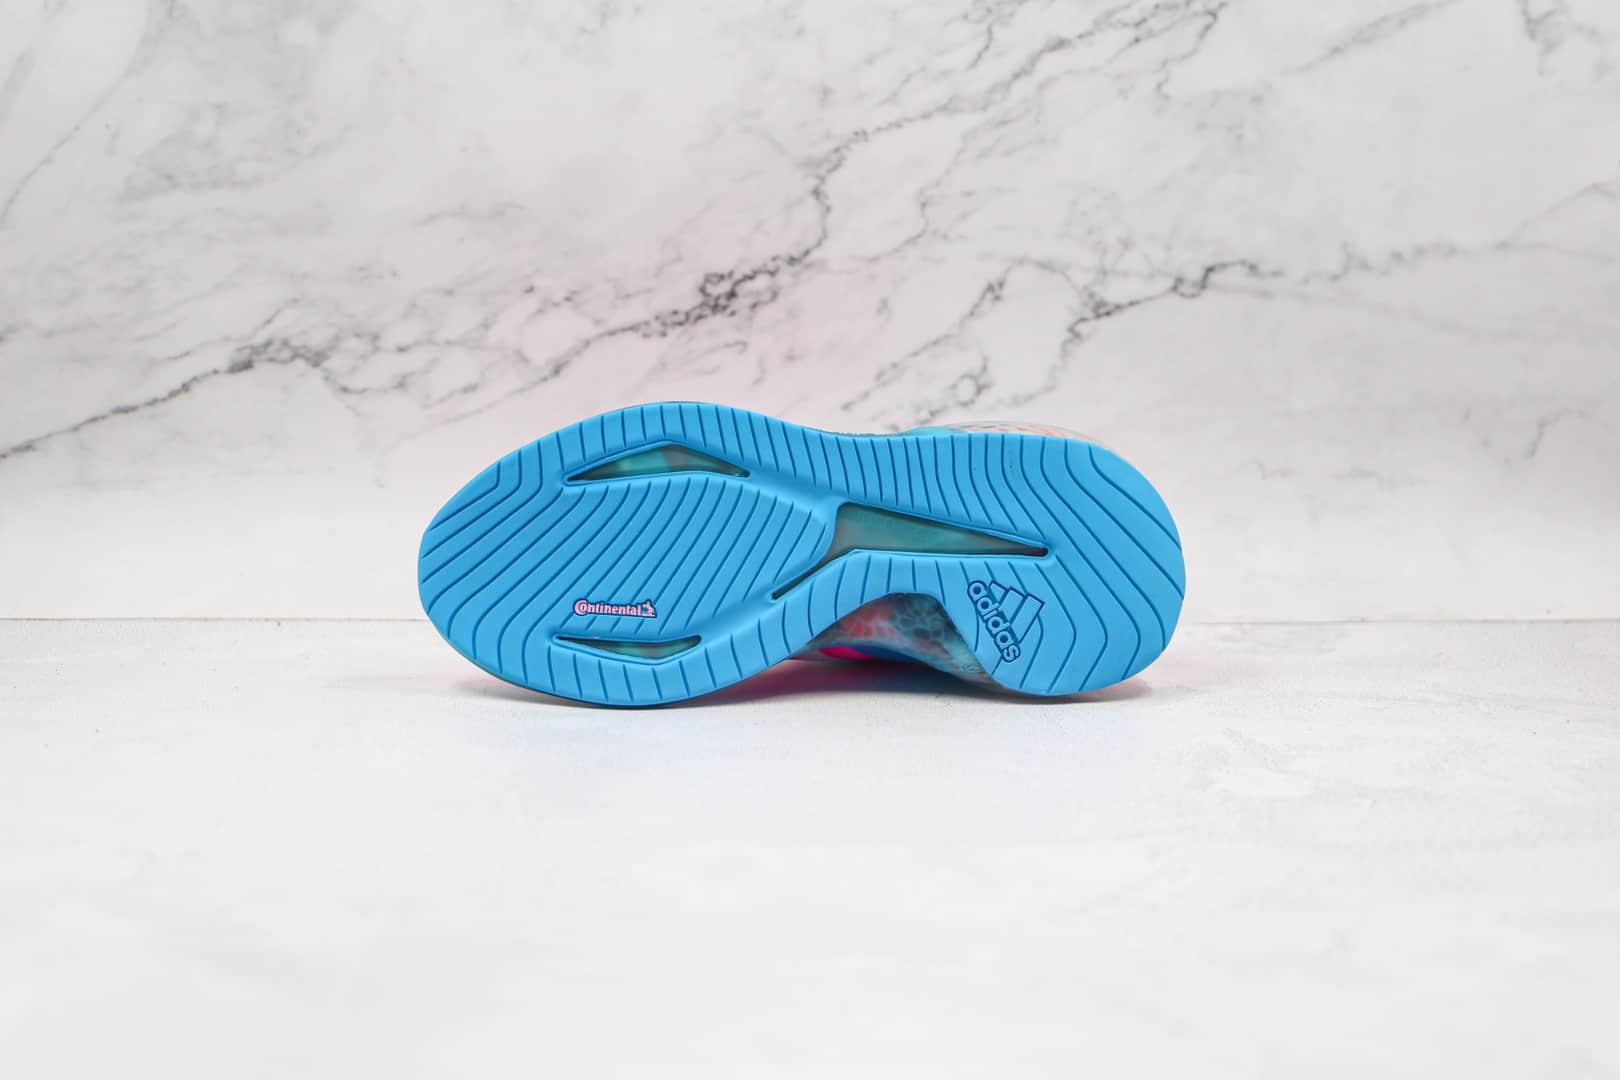 阿迪达斯Adidas AlphaBounce FT公司级版本阿尔法12代迷彩系列爆米花跑鞋灰粉色原楦打造 货号:CG3819